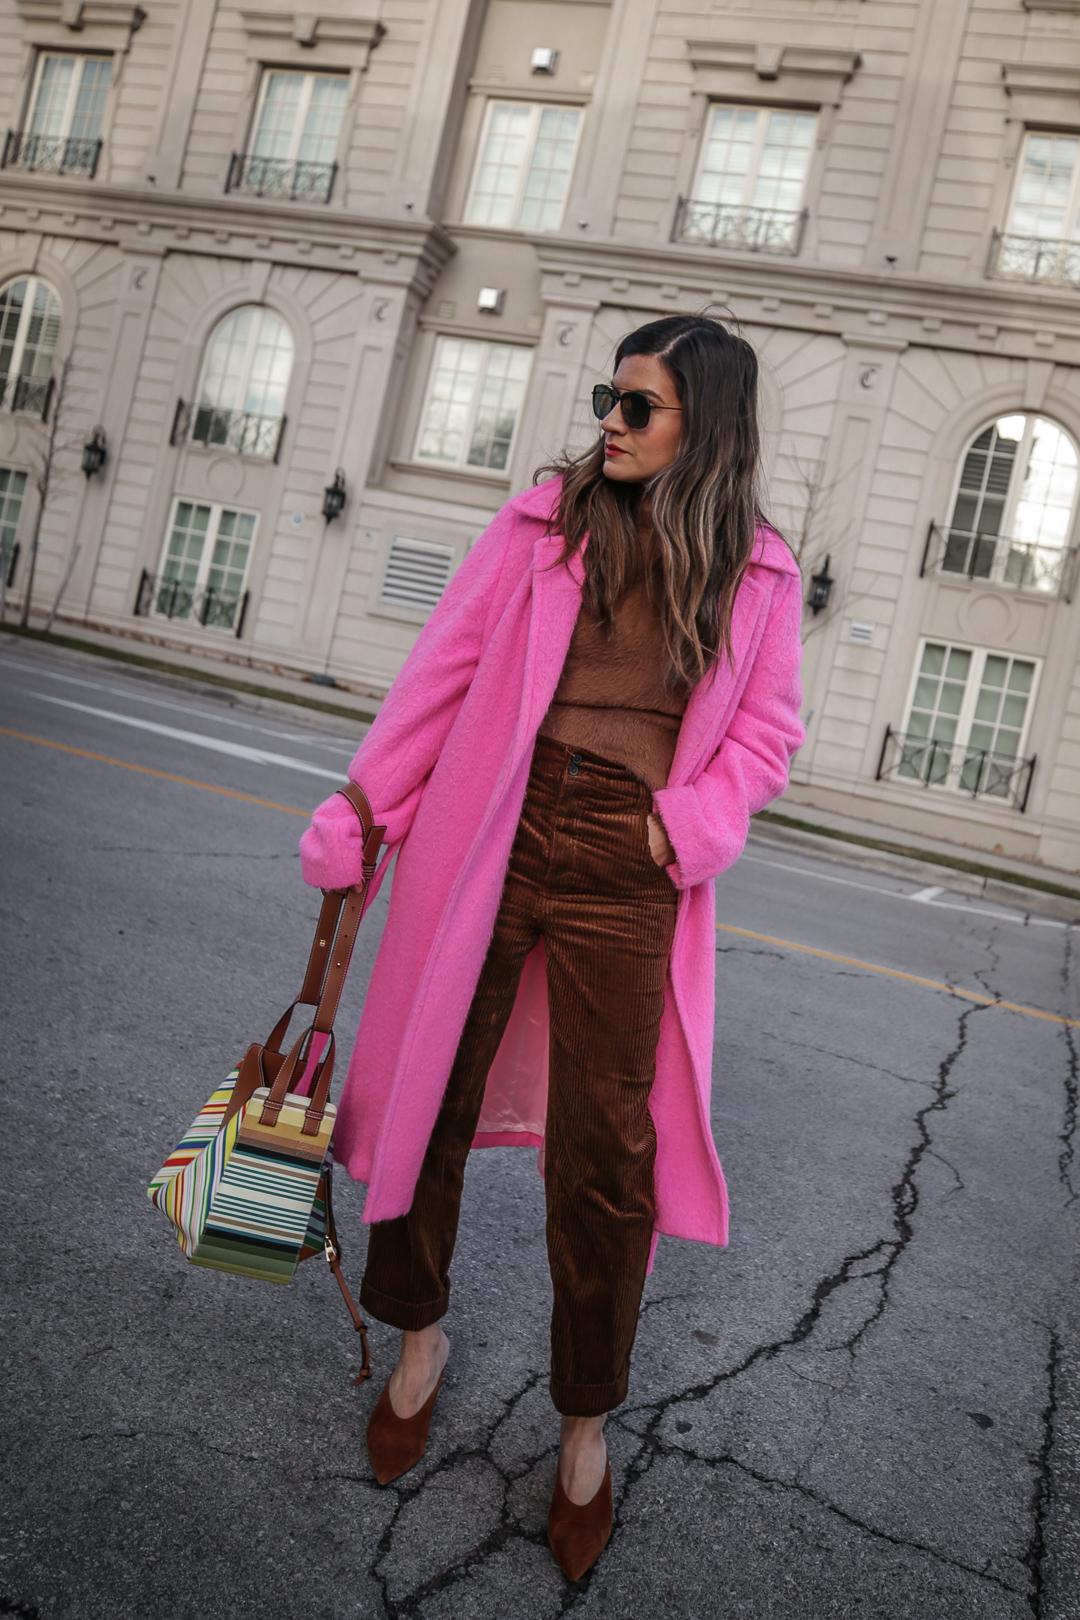 Nathalie Martin wearing Helmut Lang pink belt tie wool coat, brown corduroy pants, Zara brown textured sweater, Prada brown suede mules, Loewe striped Hammock bag, Bonlook Class sunglasses, street style, woahstyle.com_5150.jpg